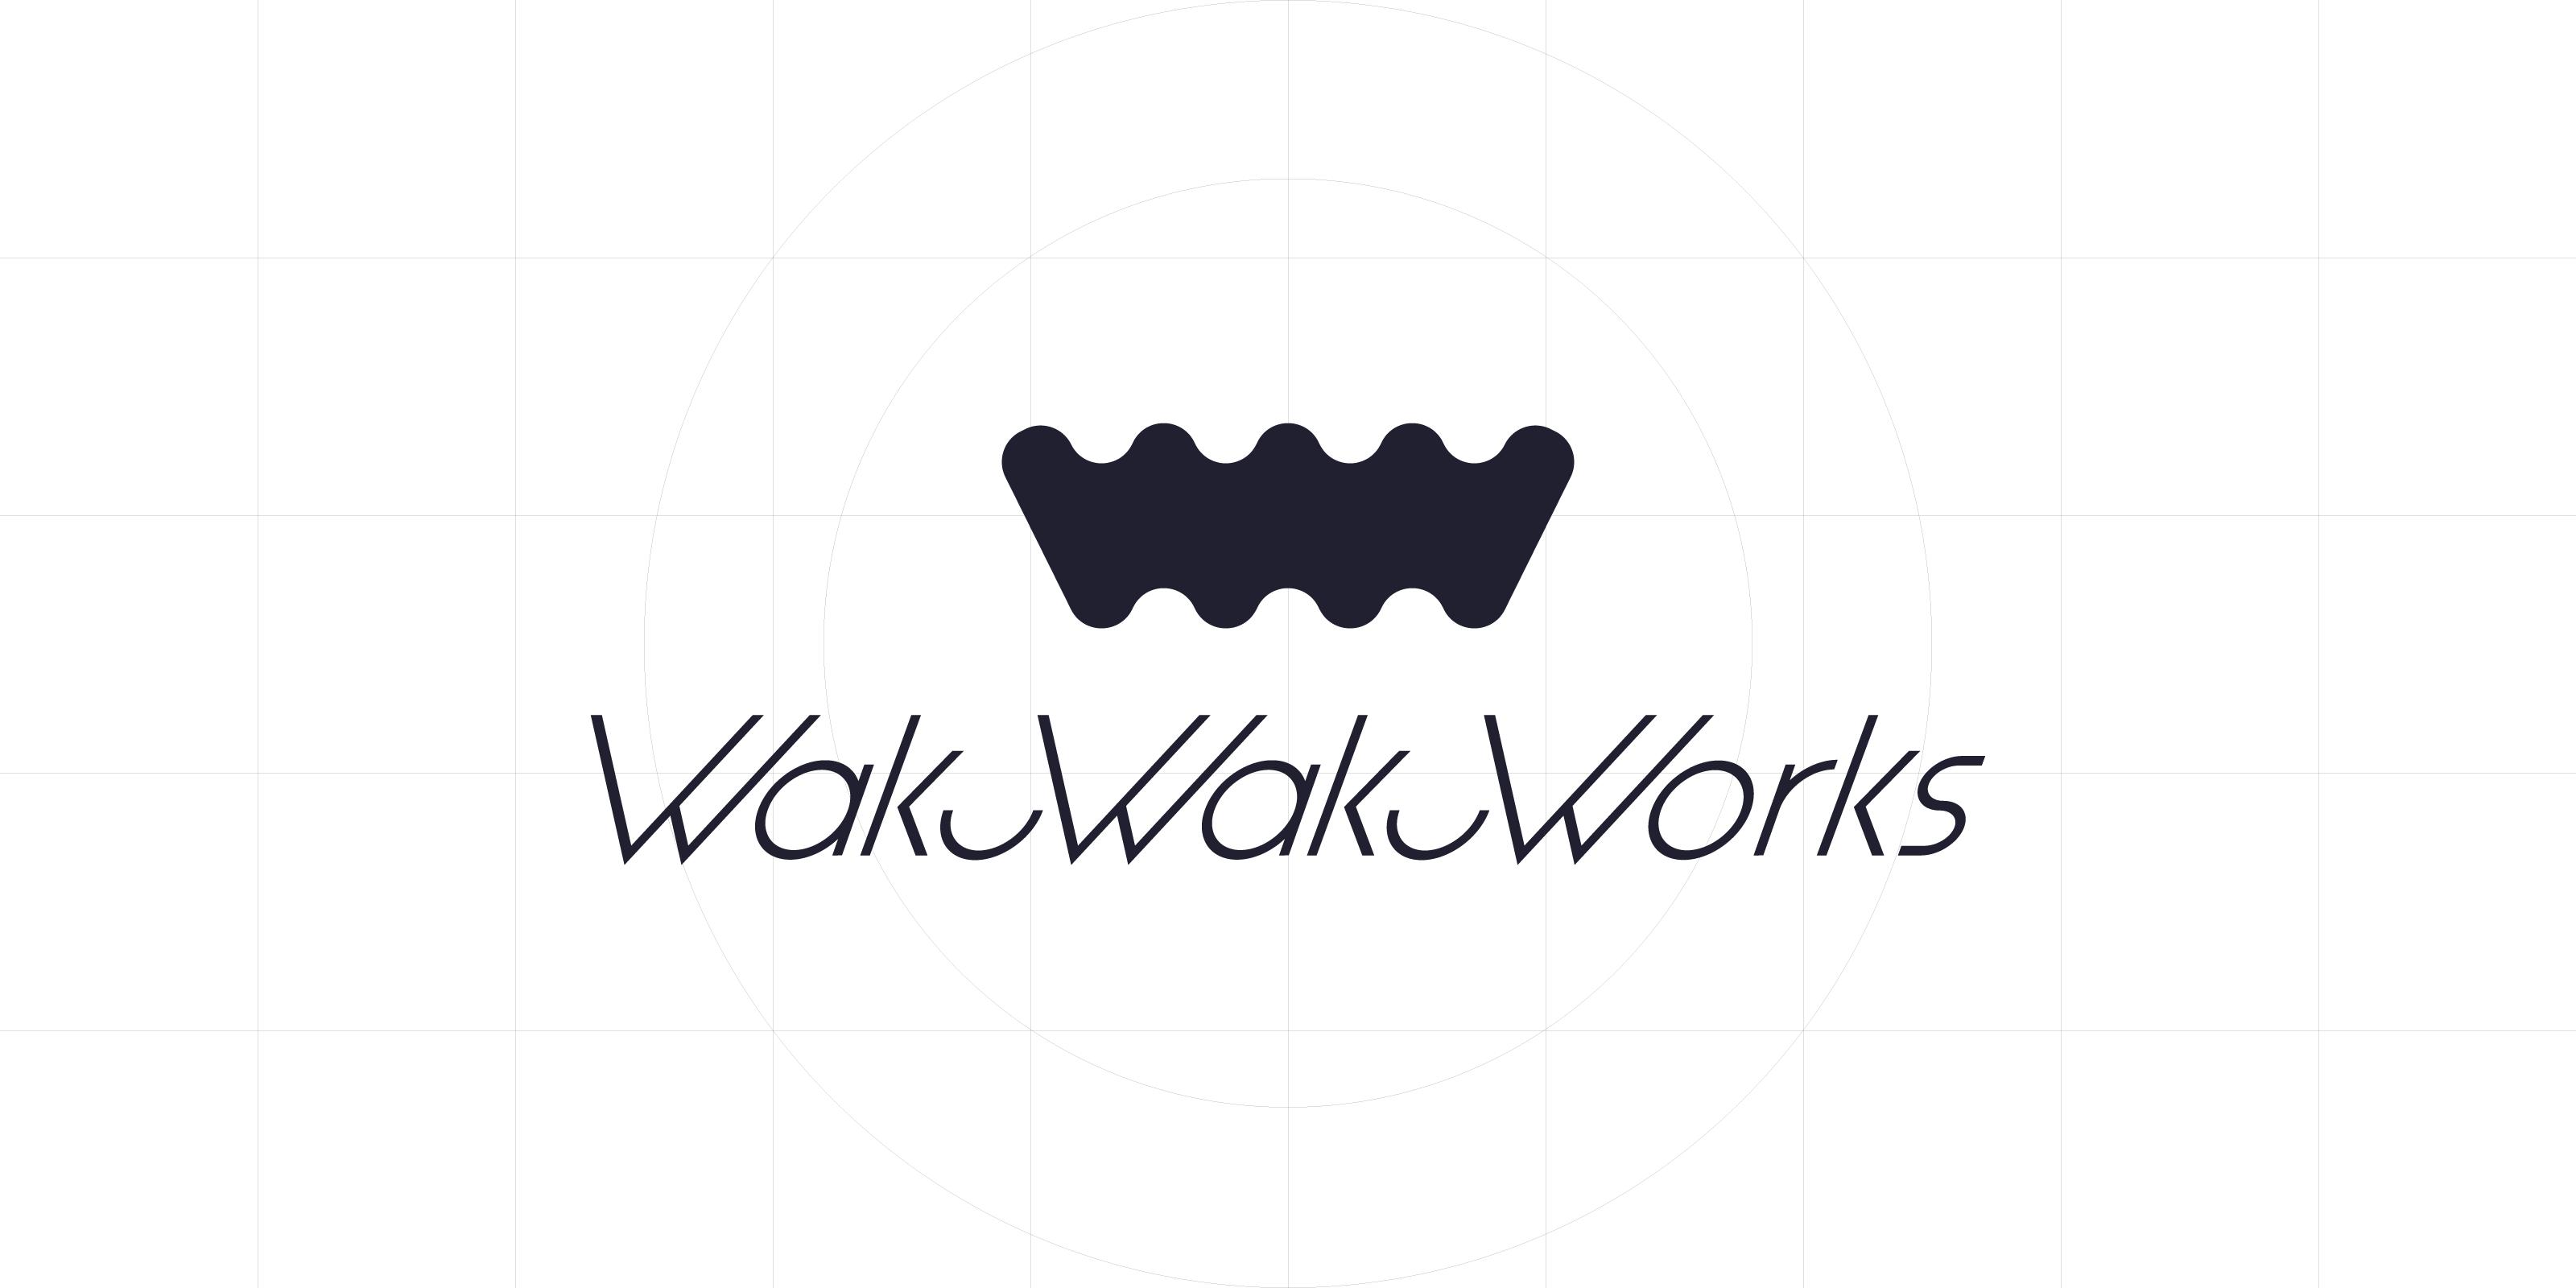 waku waku works